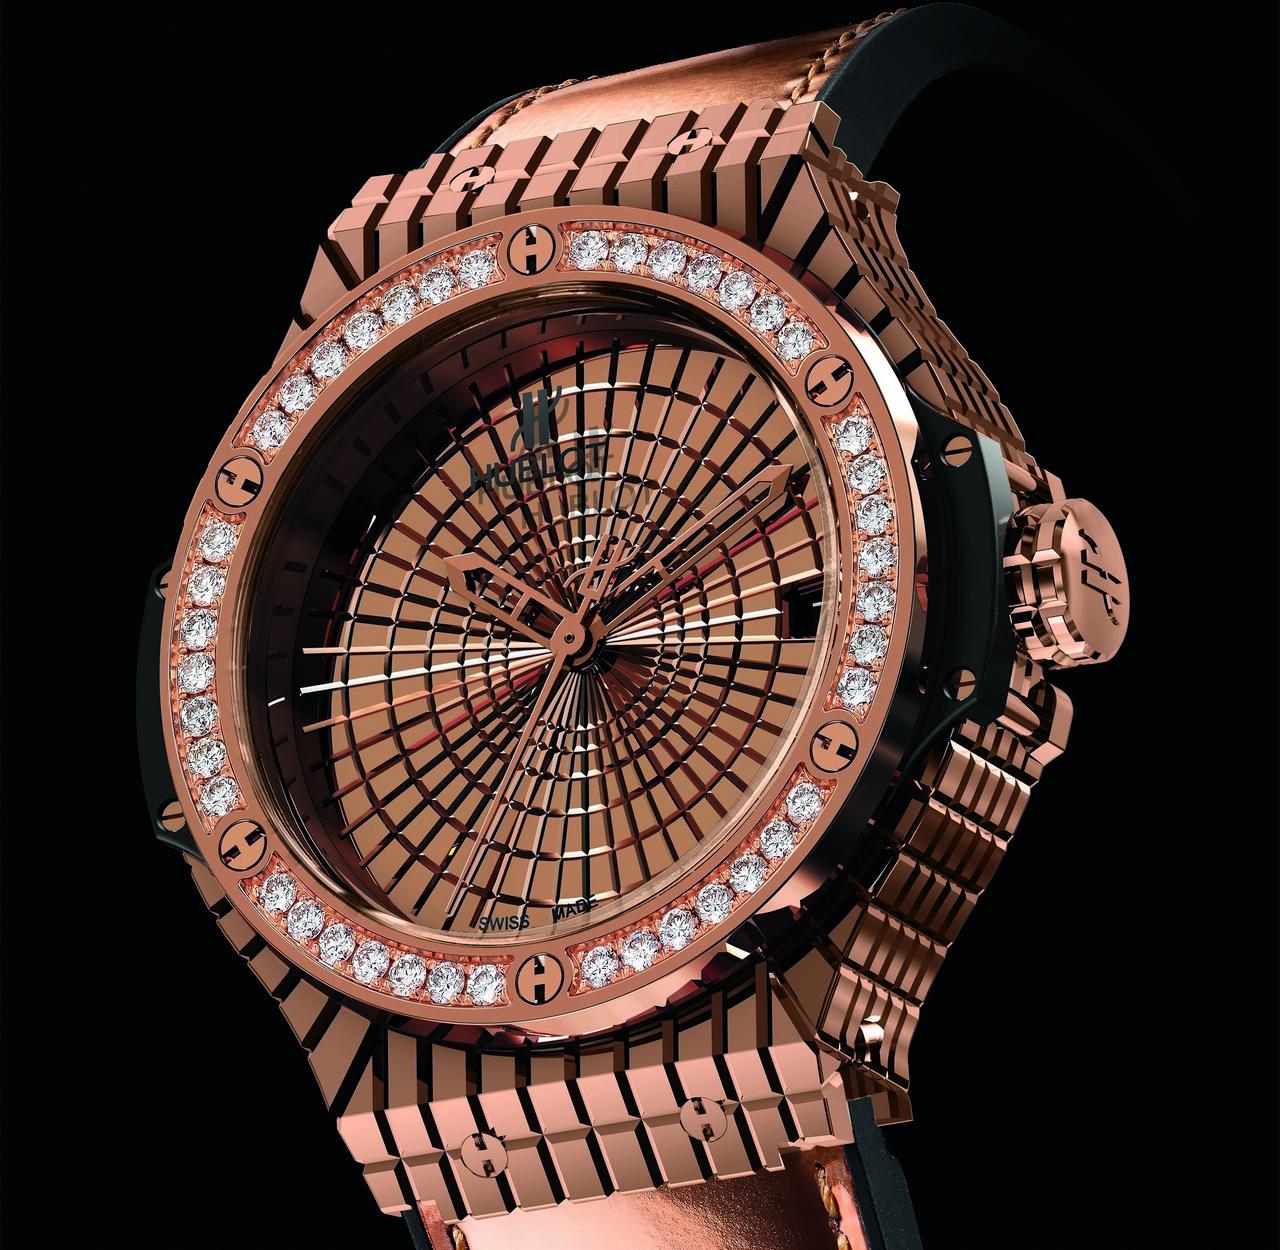 baselworld-2013-hublot-big-bang-caviar-red-gold-diamonds_0-100_1